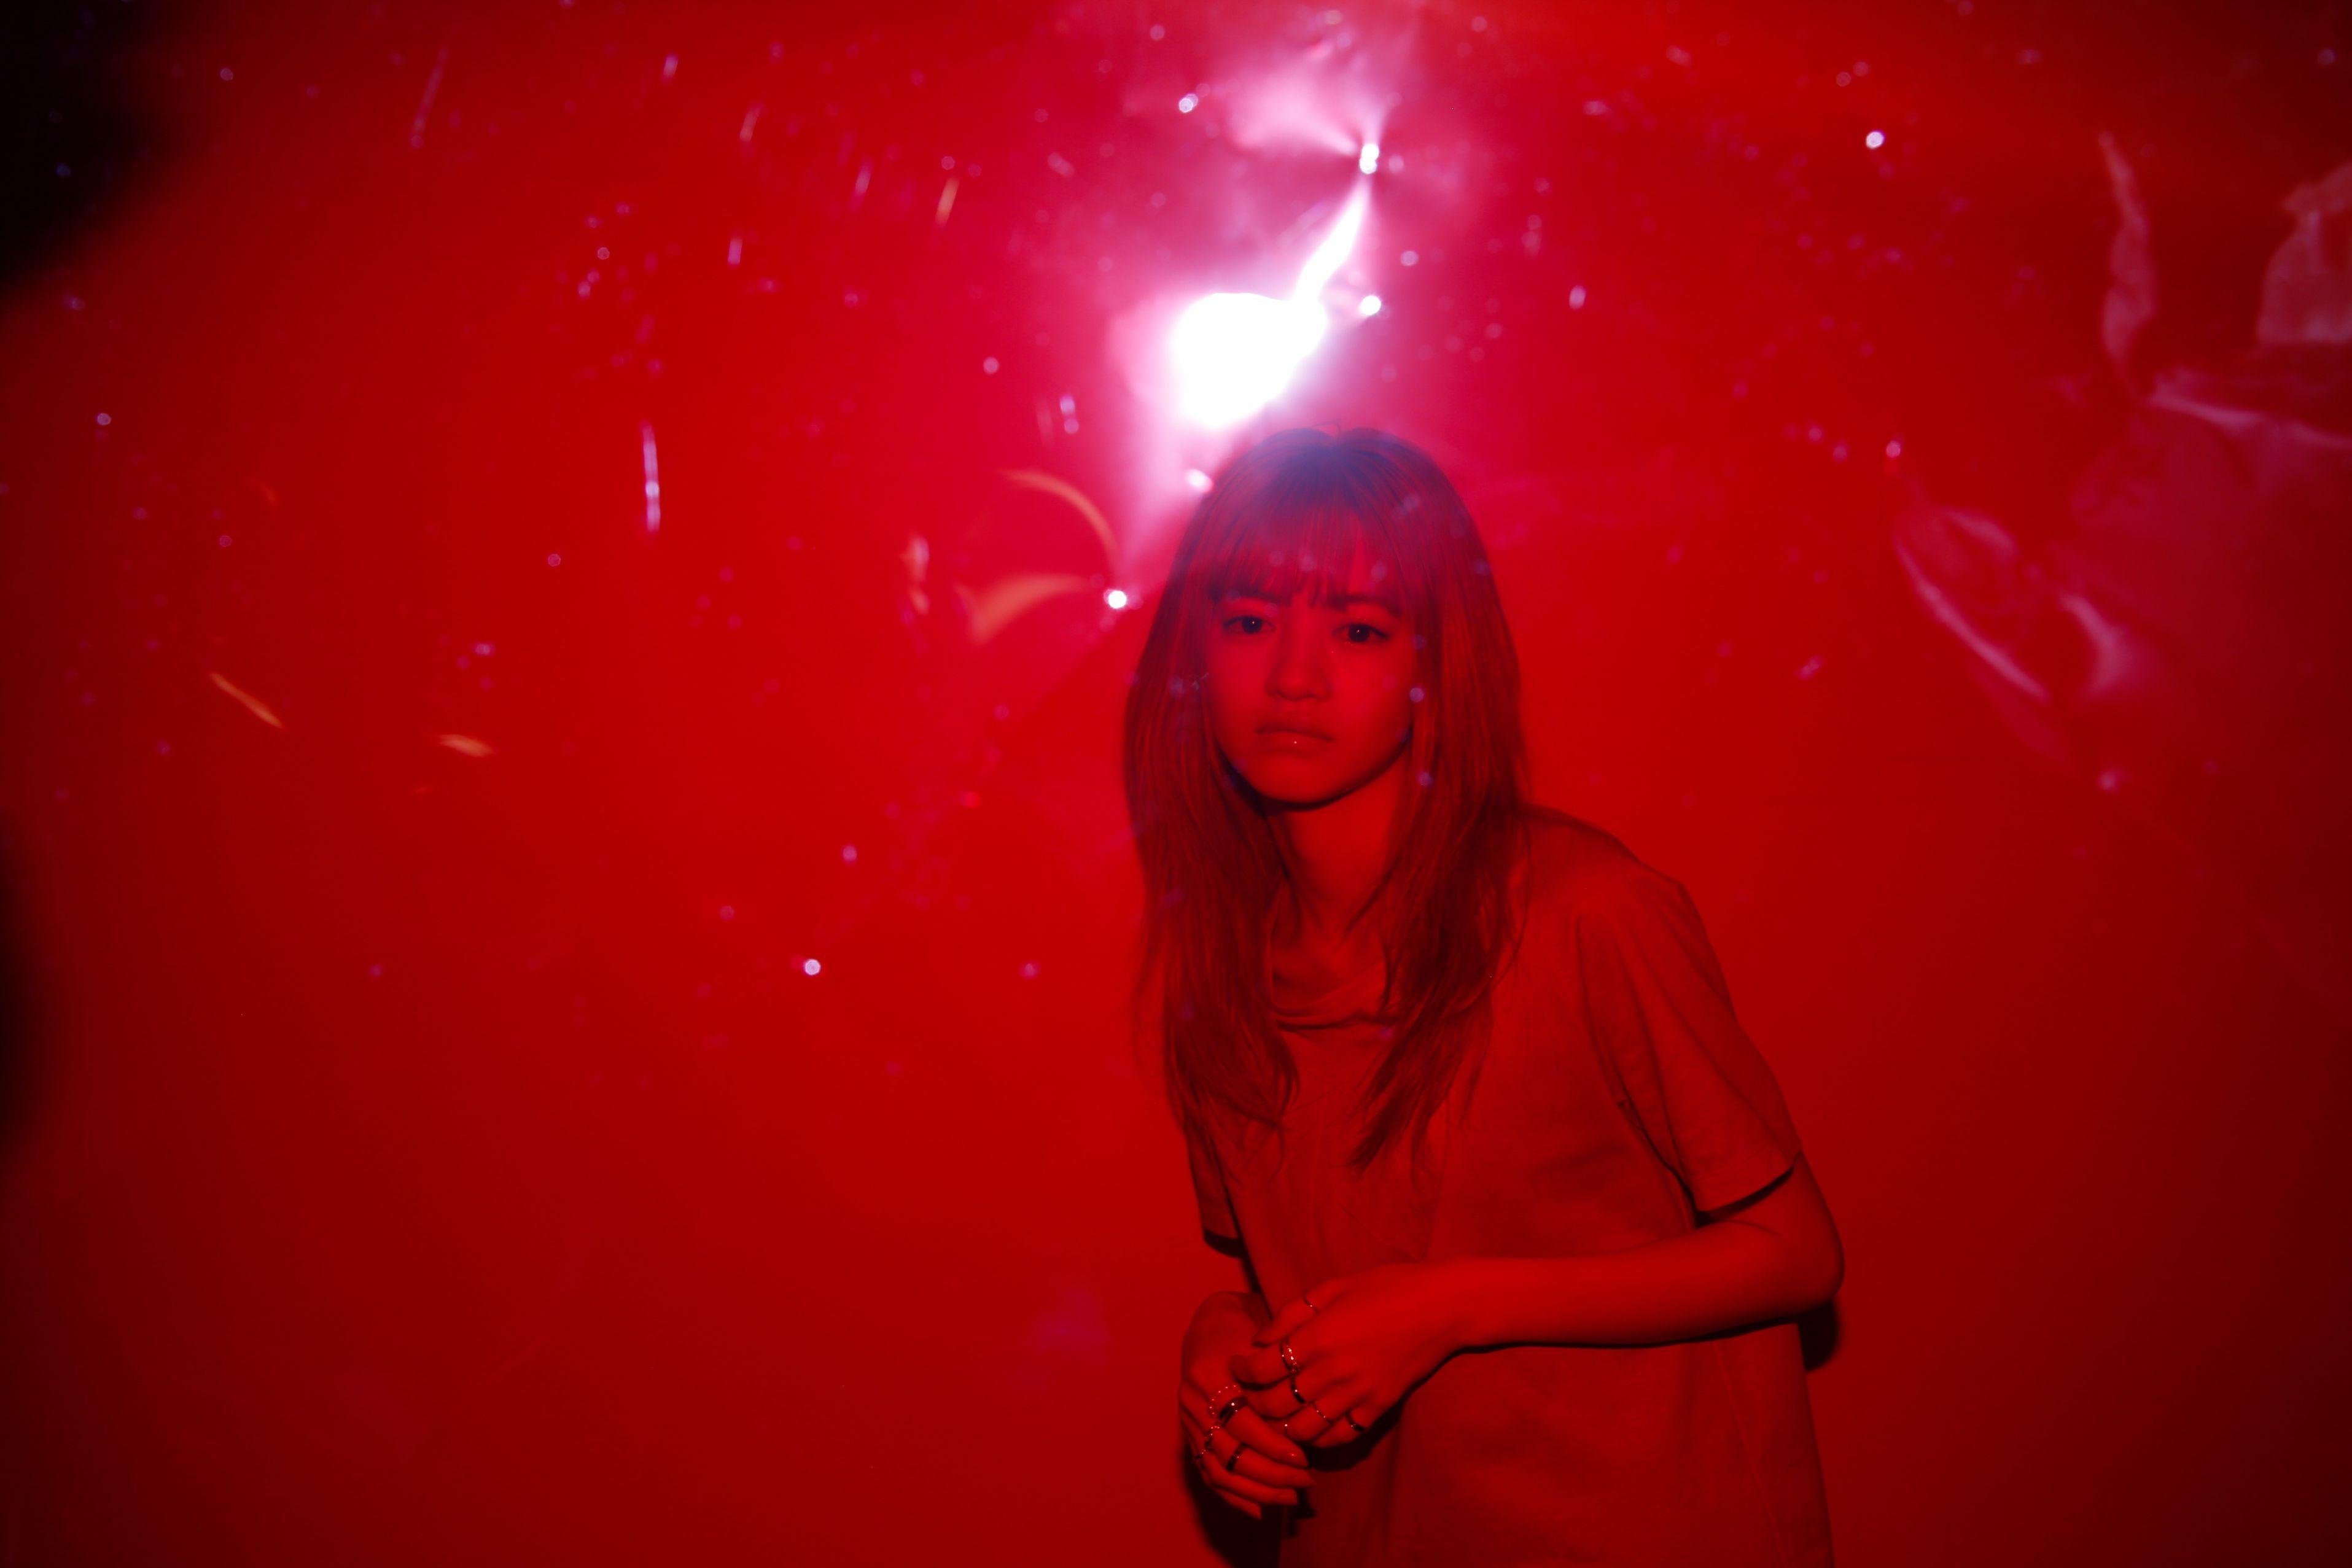 【5/31(月)スタート!シェフは名探偵】 エンディングテーマが2021年最注目のシンガーソングライターmihoro* の新曲「 ミヤコワスレ 」に決定!